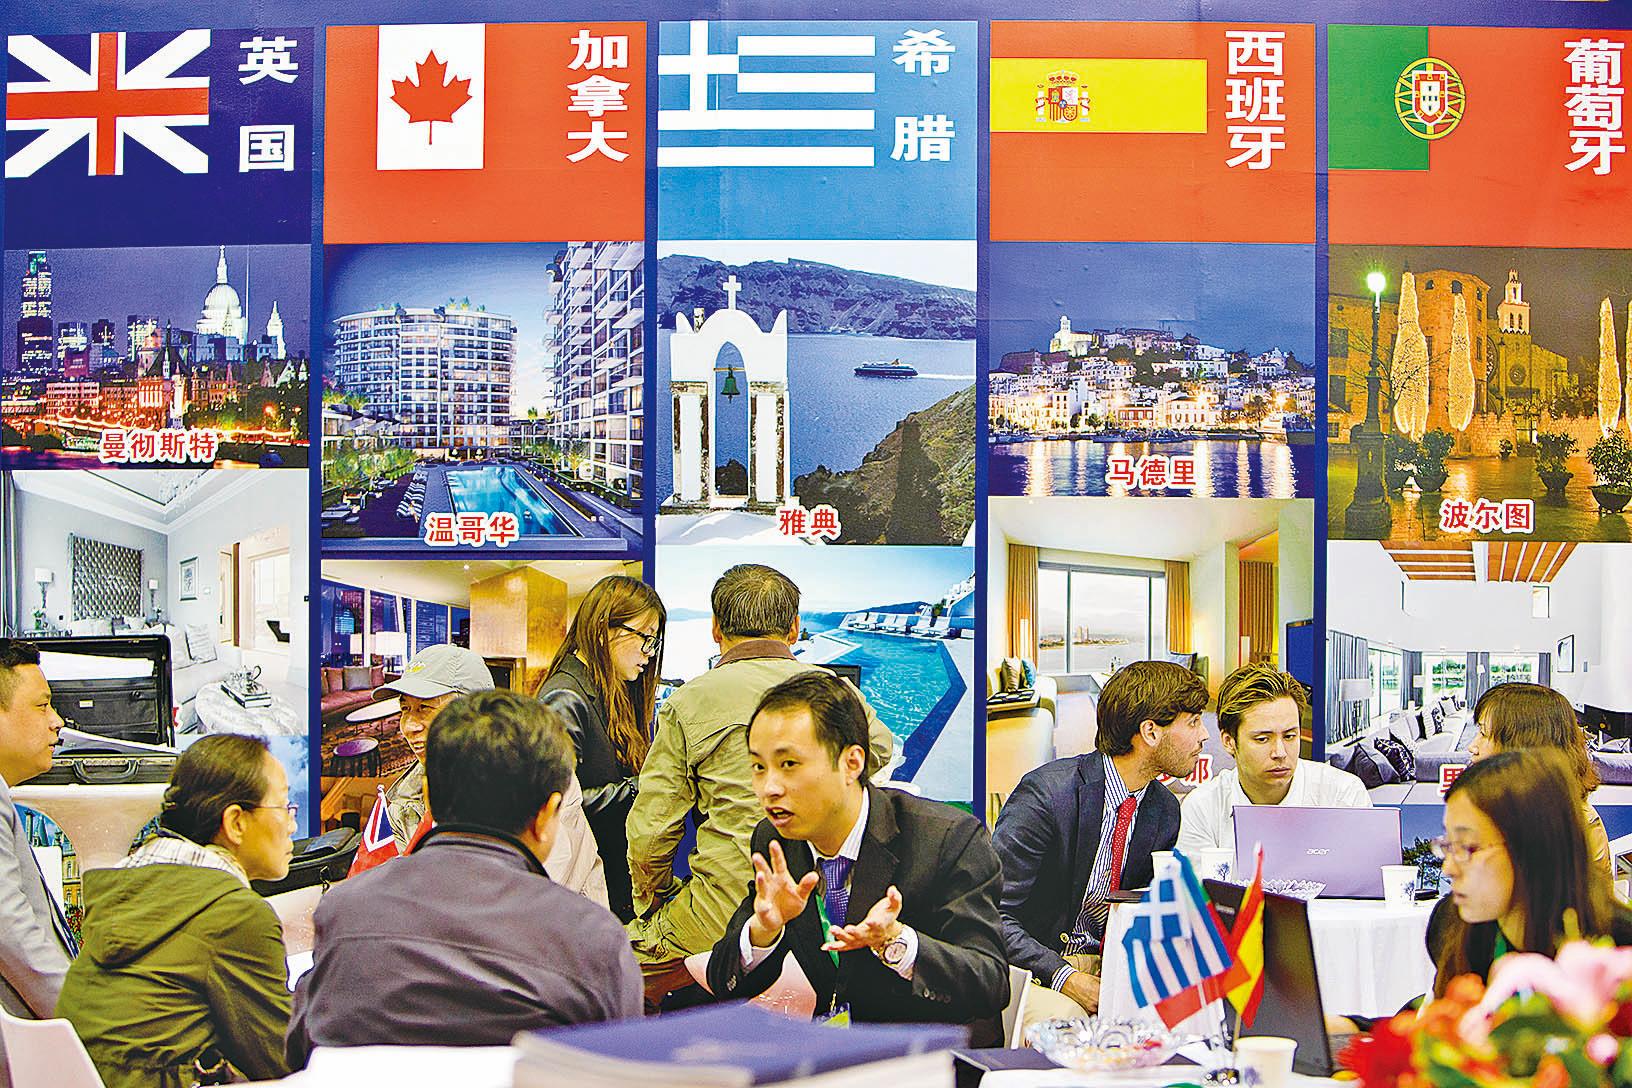 移民國家紛紛收緊移民政策,中國投資者將眼光逐漸轉向近年才開始移民項目的愛爾蘭。(大紀元資料圖片)